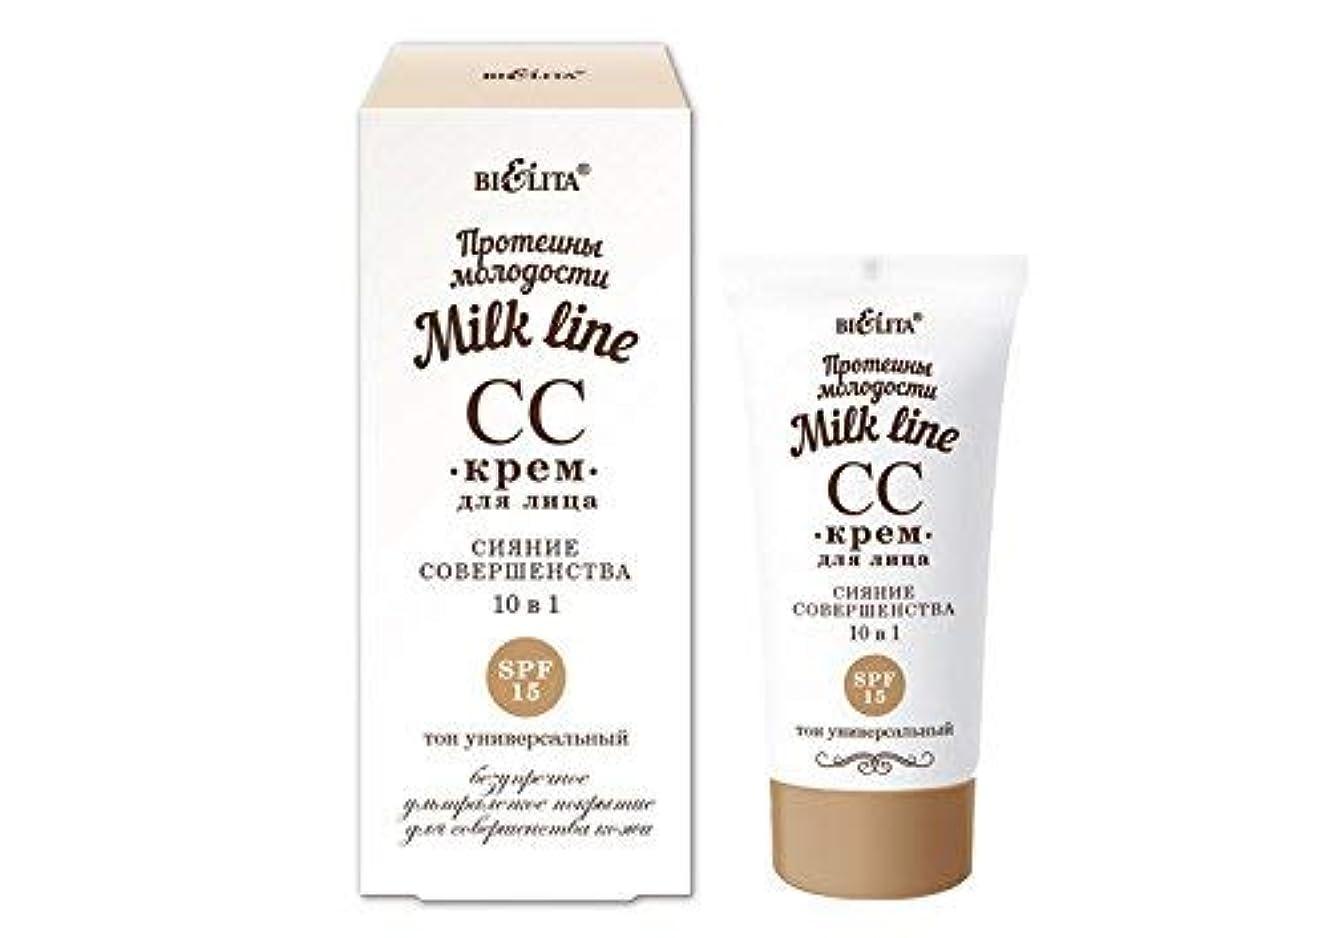 血まみれ共和党津波CC Cream,based on goat's milk Total Effects Tone Correcting Moisturizer with Sunscreen, Light to Medium 10 effects...